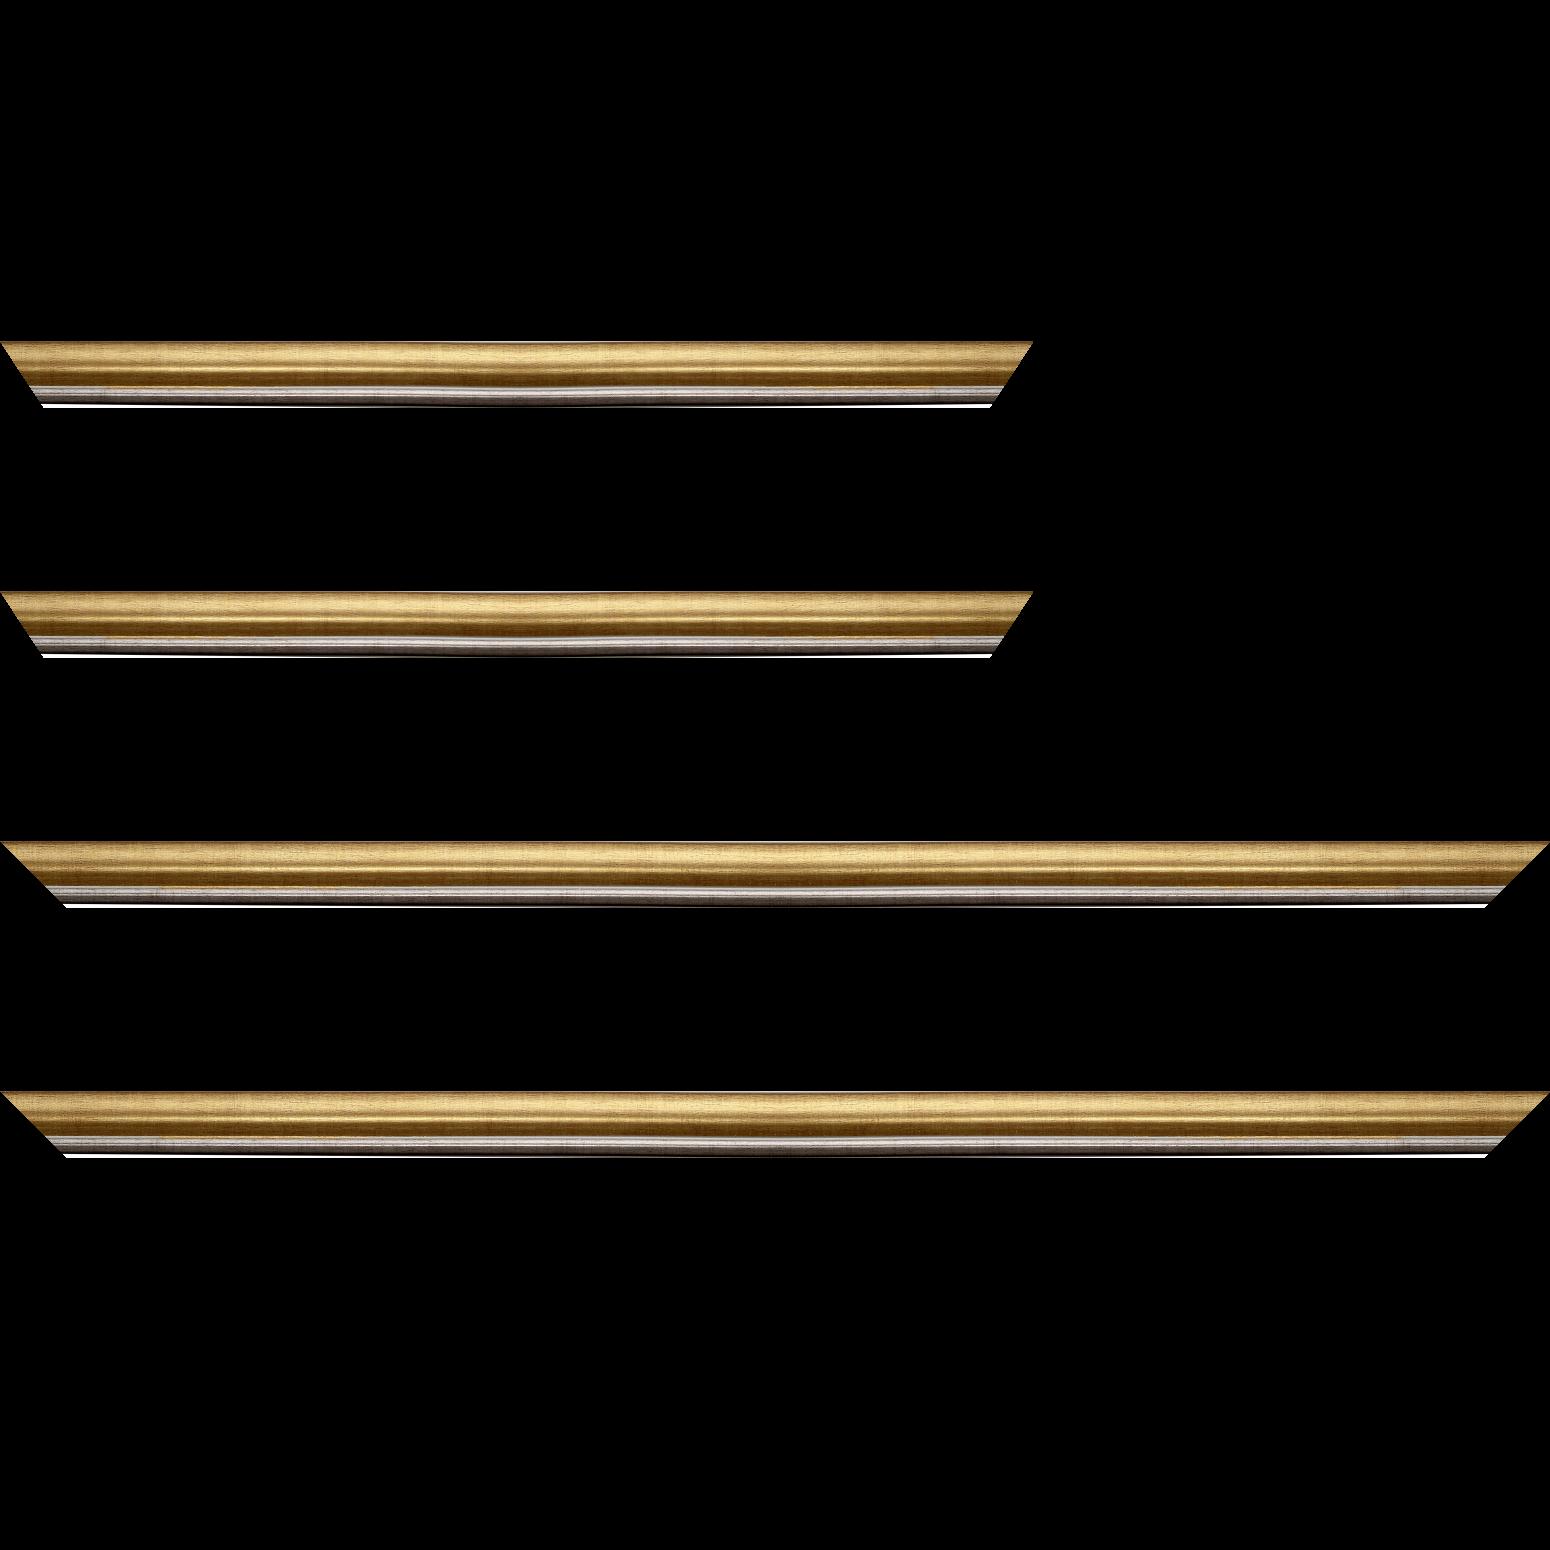 Baguette service précoupé Bois profil arrondi largeur 2.1cm  couleur or filet plomb